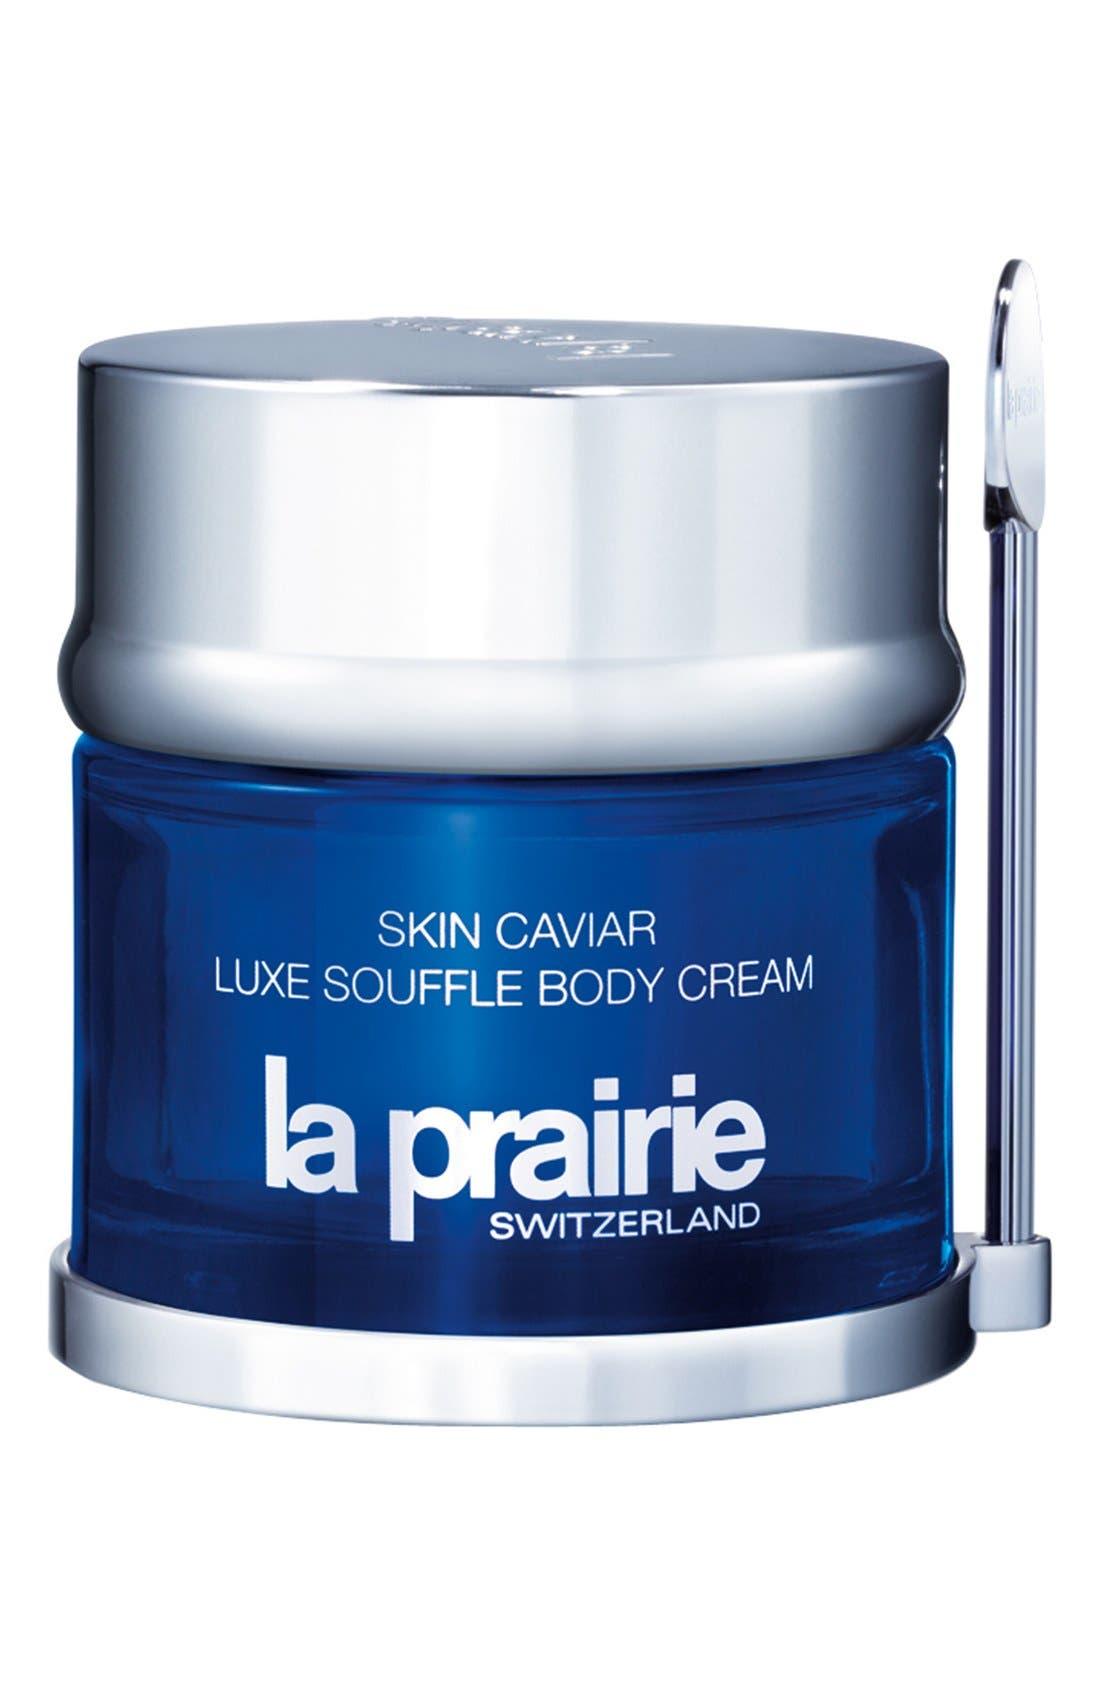 Skin Caviar Luxe Soufflé Body Cream,                             Main thumbnail 1, color,                             NO COLOR